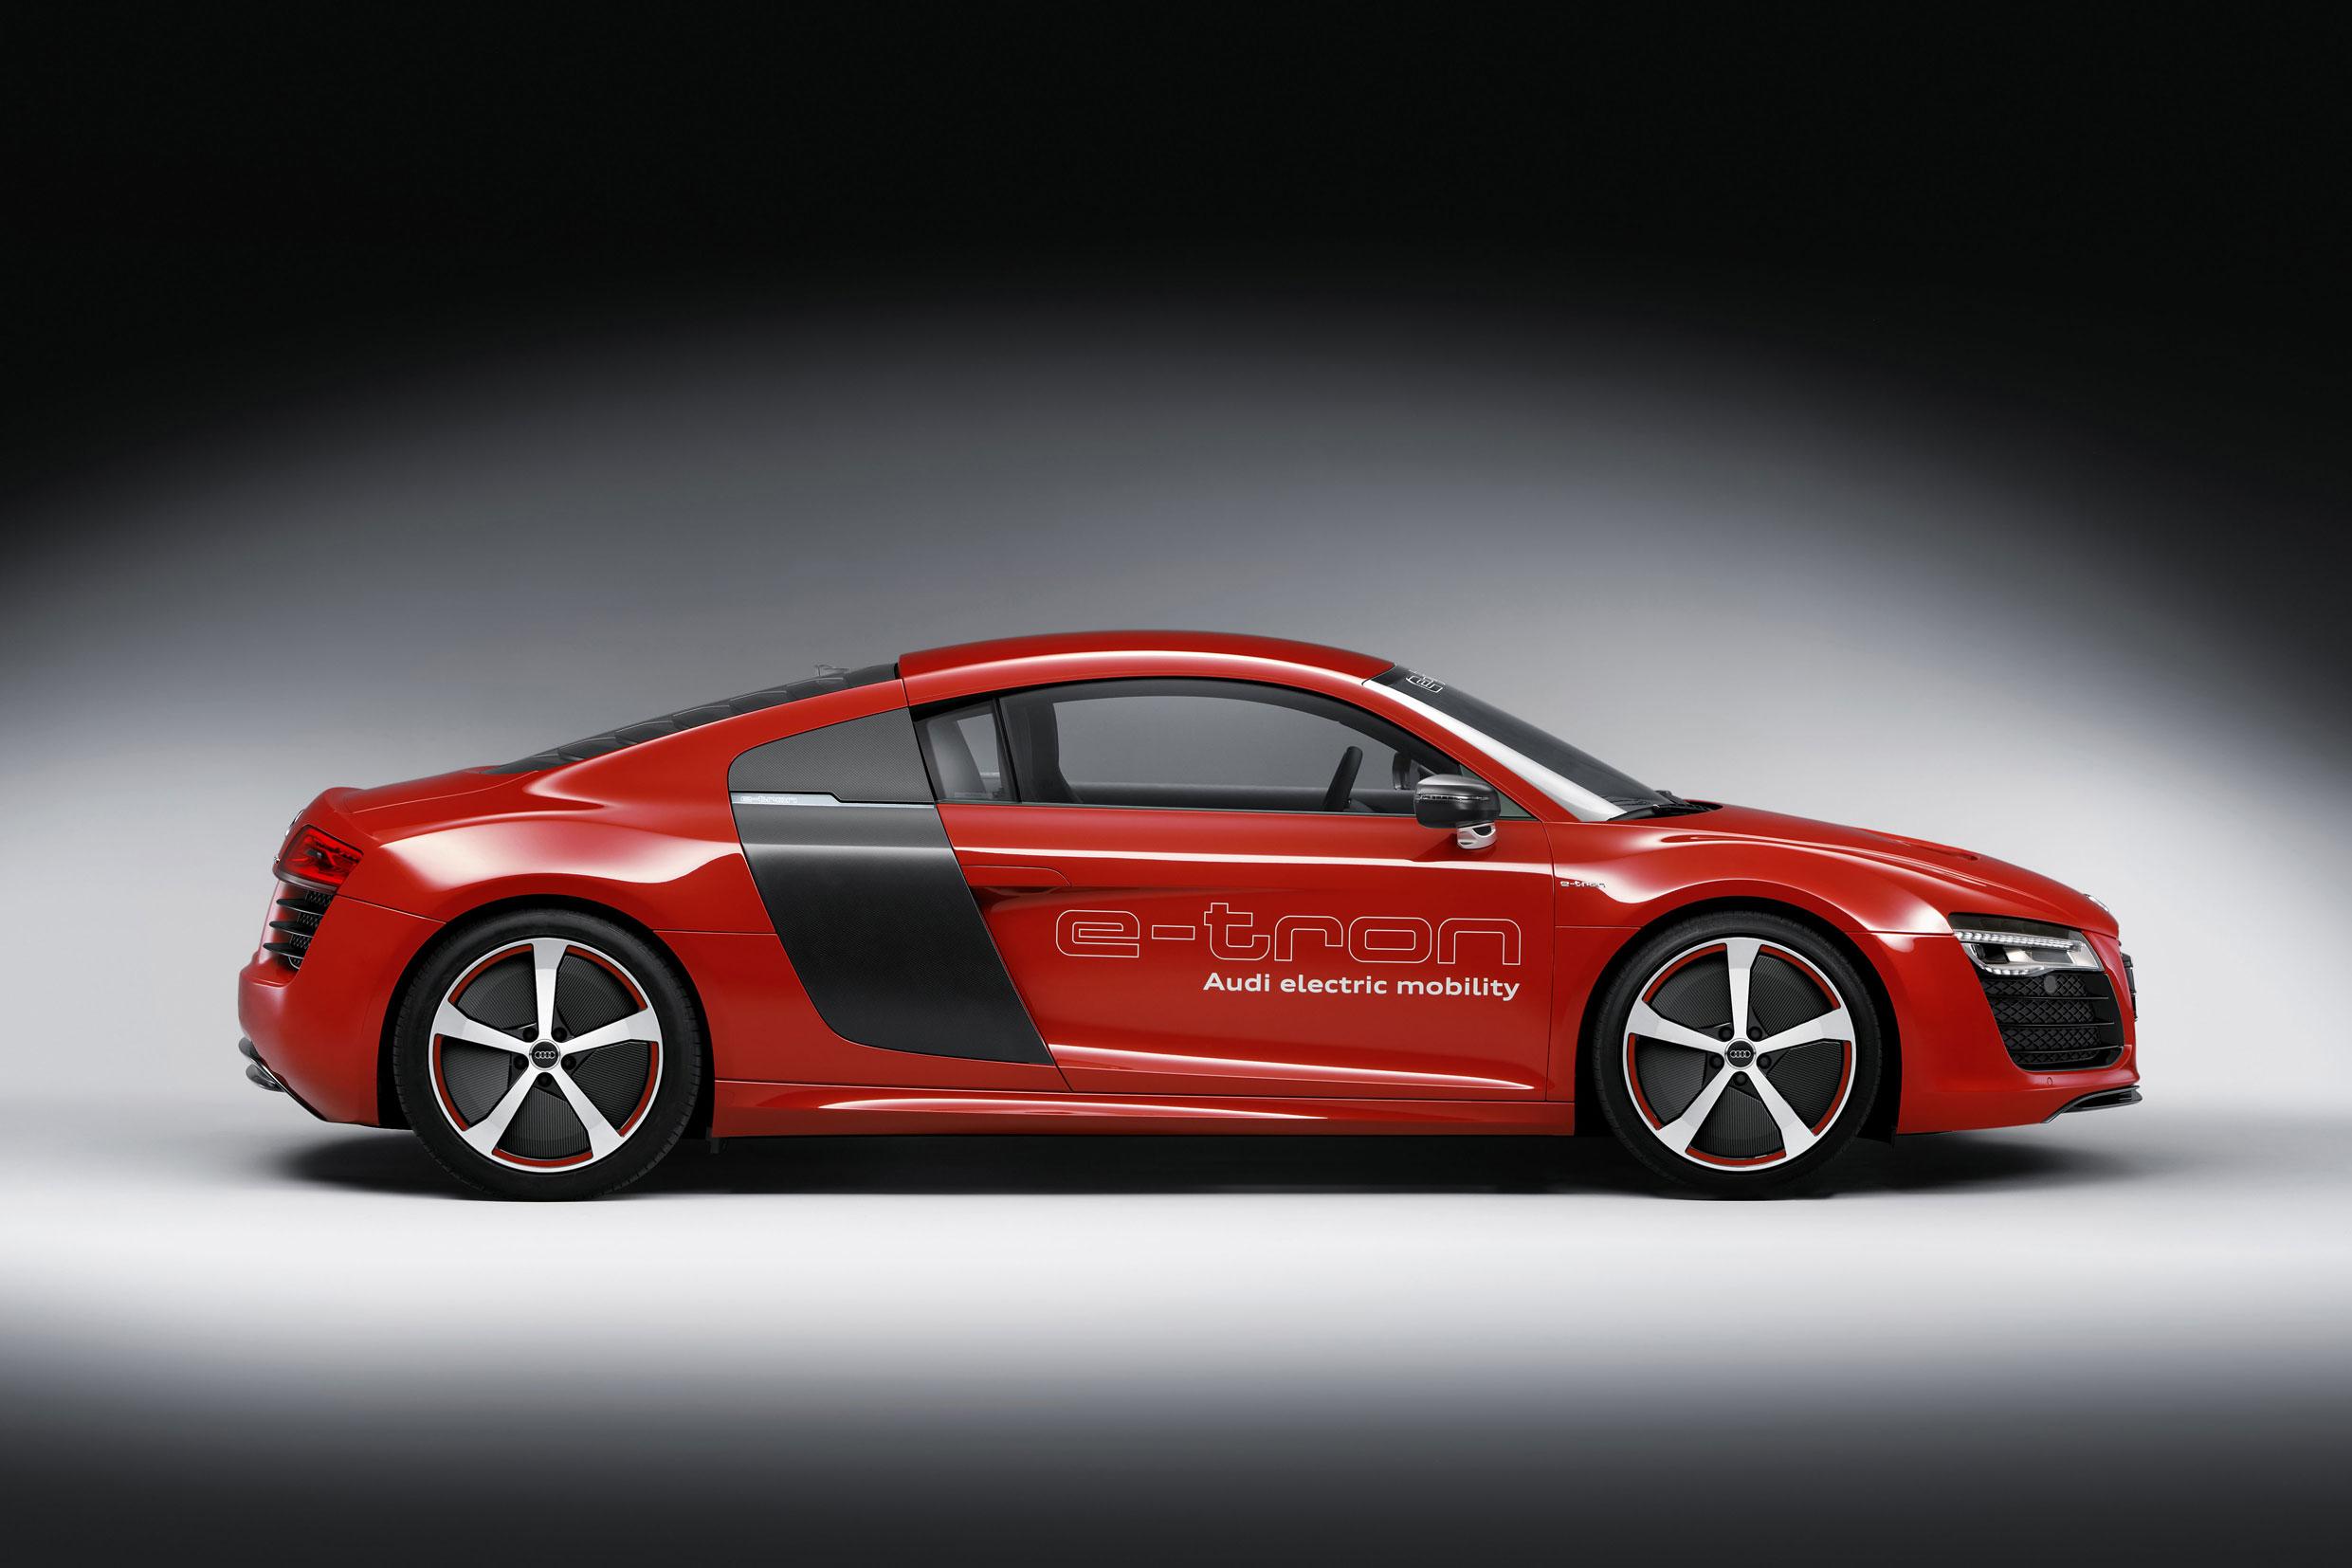 Foto Lateral Audi R8 E Tron Cupe 2013